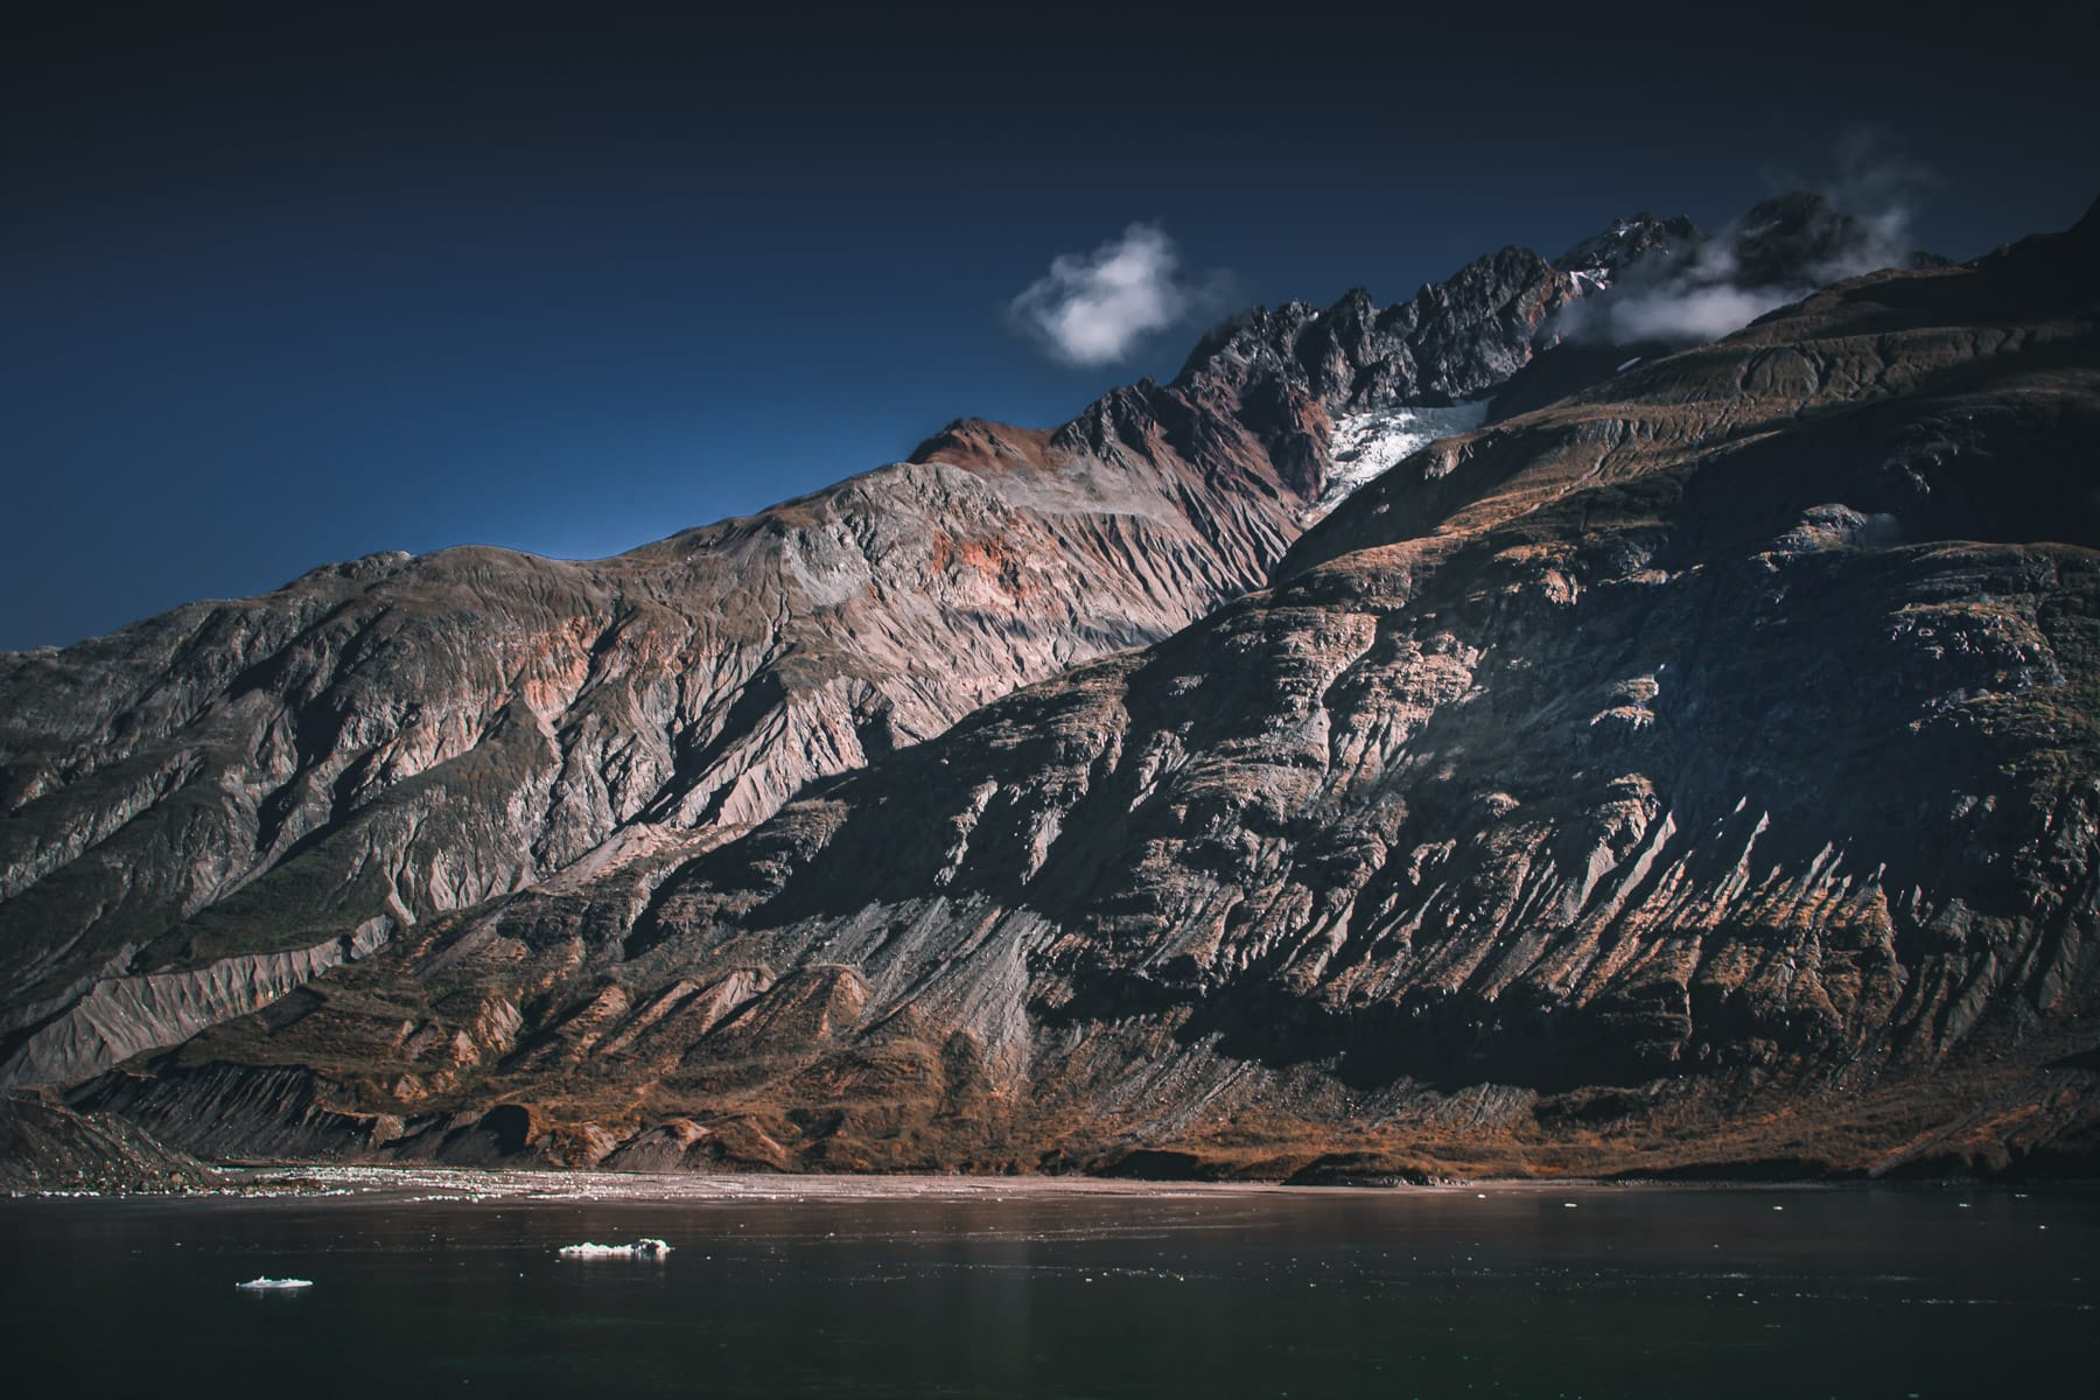 A mountain along the shore of Alaska's Glacier Bay.